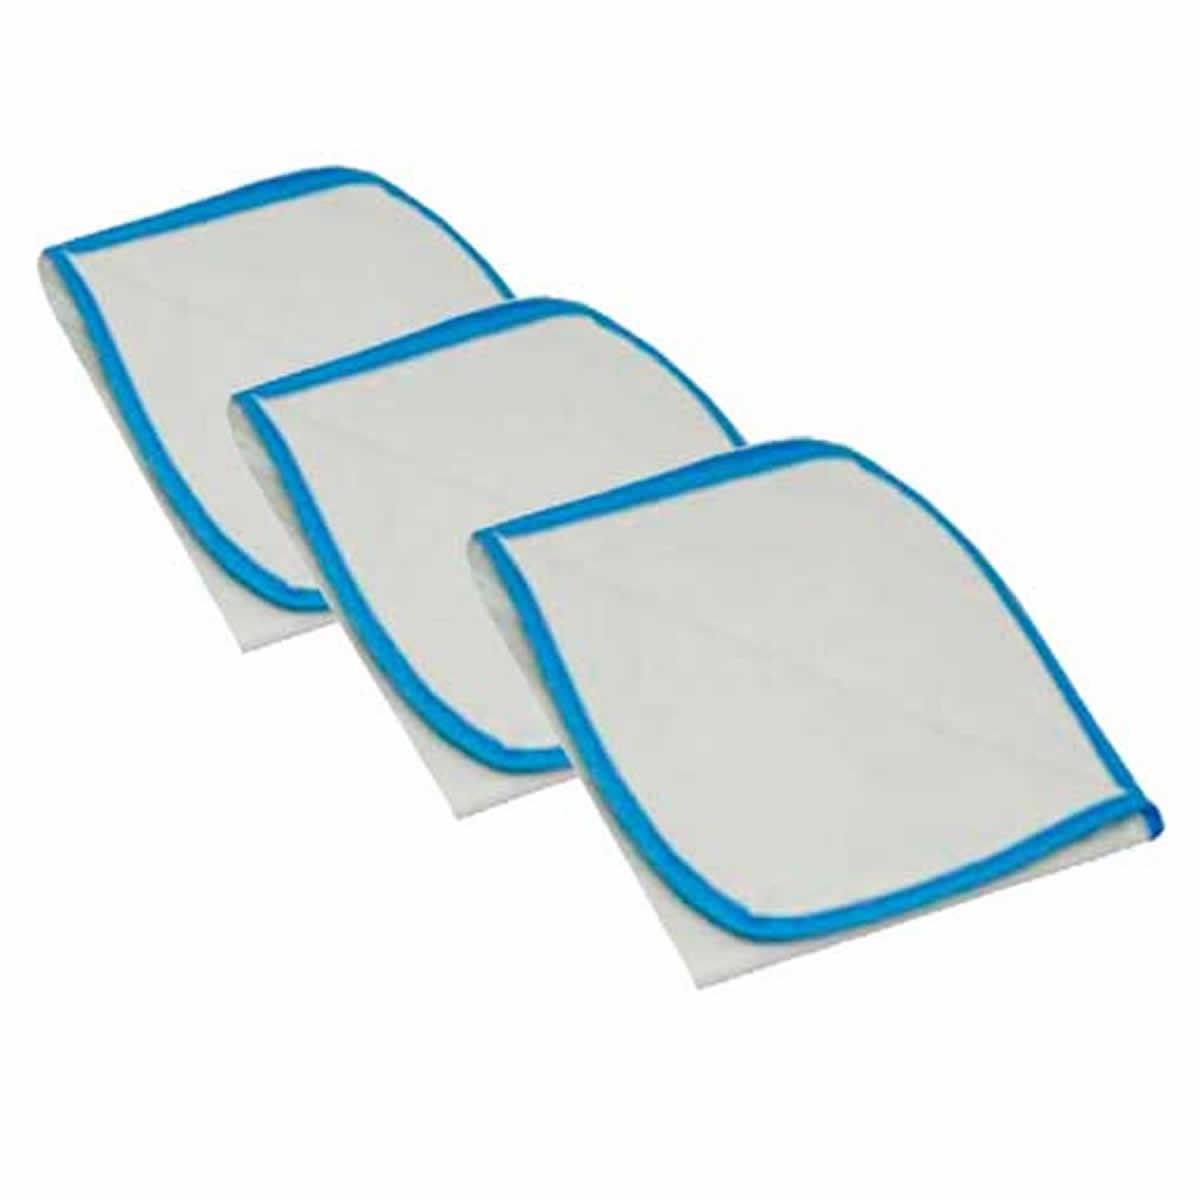 Tapete Higiênico Lavável São Pet Azul Tamanho G - Kit com 3 Unidades